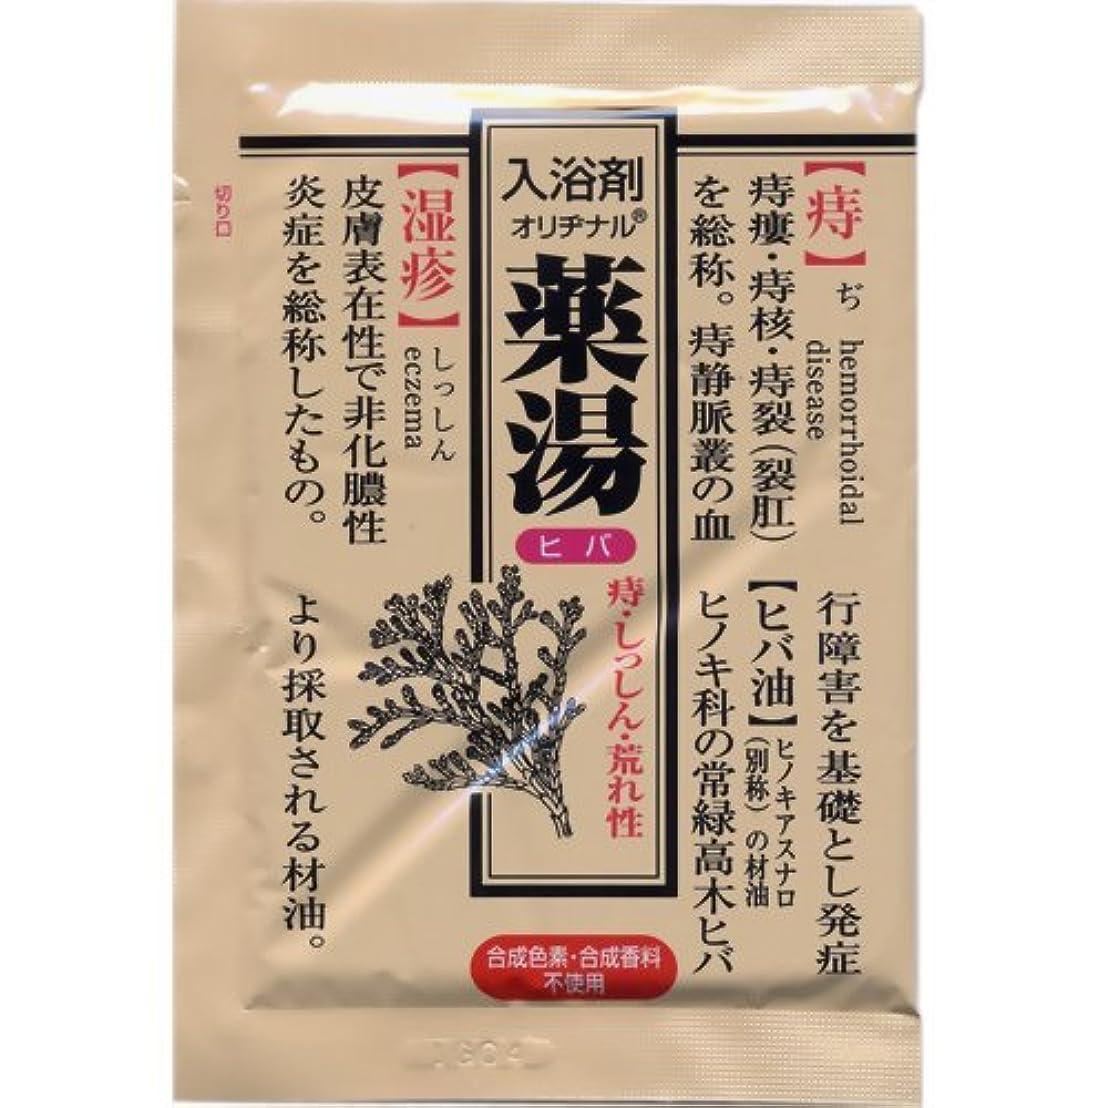 熟考する災害テープオリヂナル 薬湯 ヒバ 30g